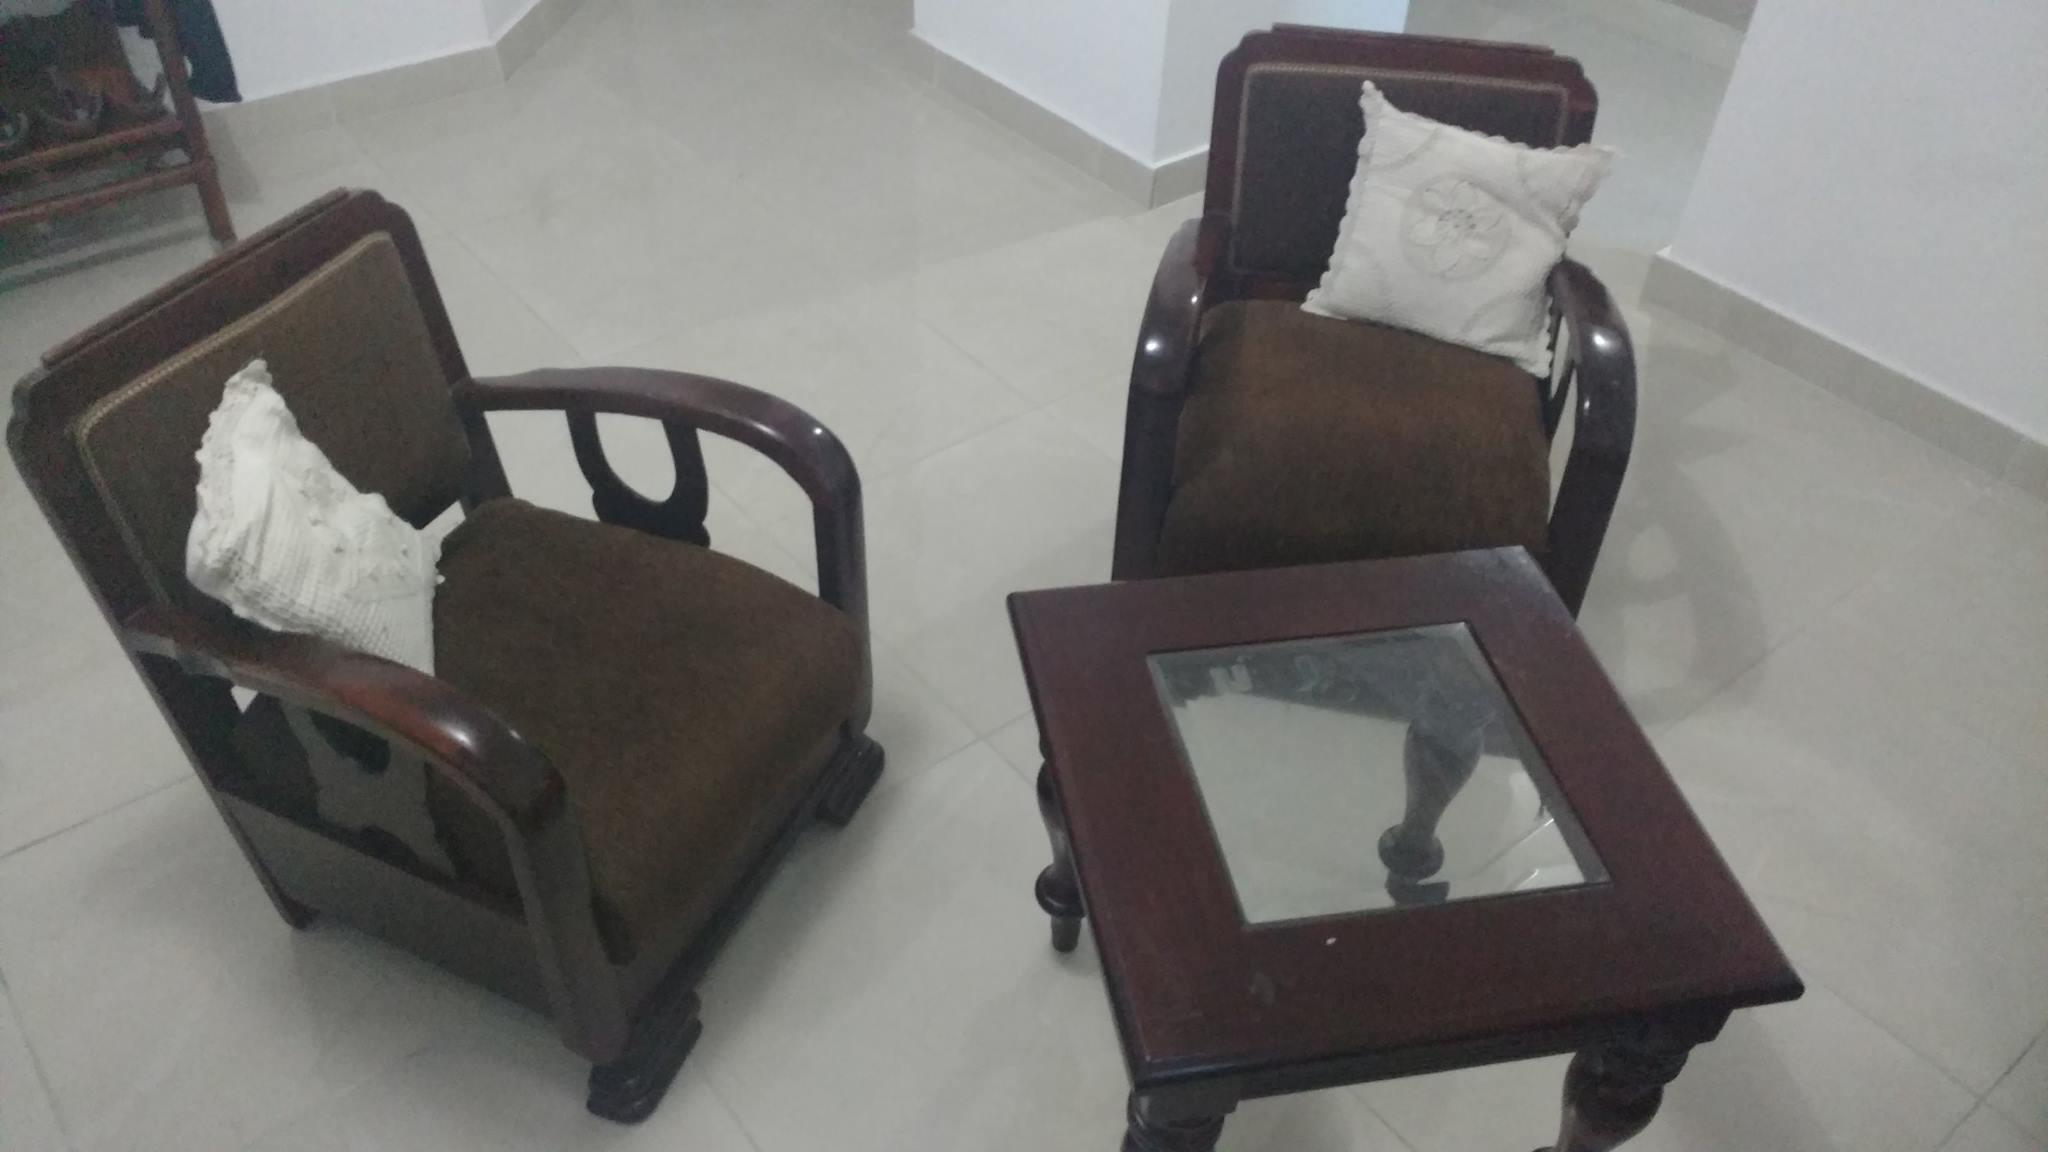 Plaza Libre Juego De Muebles En Caoba # Muebles De Caoba